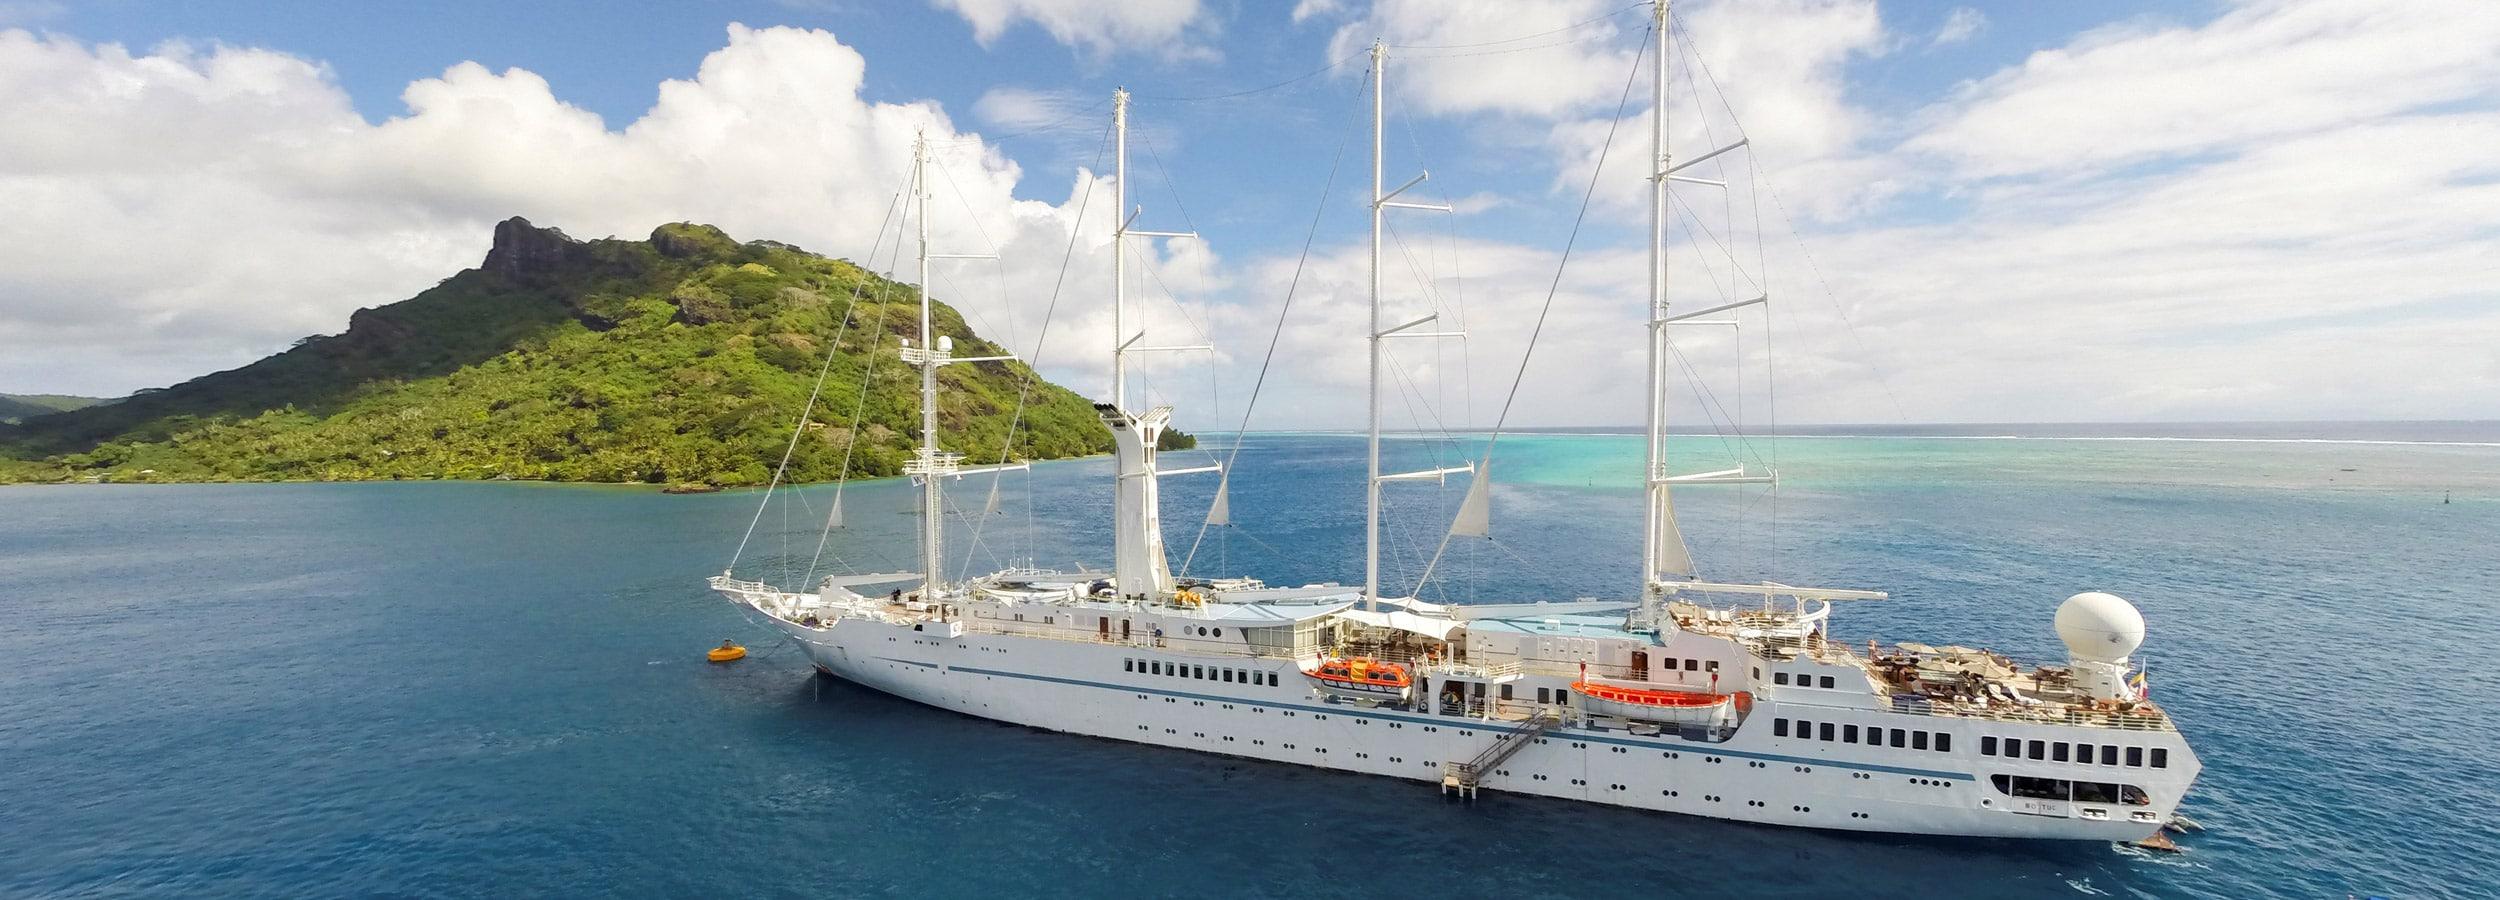 OceanEvent verchartert Großsegler in jedem Revier der Welt. Wir kennen das für Sie richtige Schiff in der gewünschten Destination und Größe.